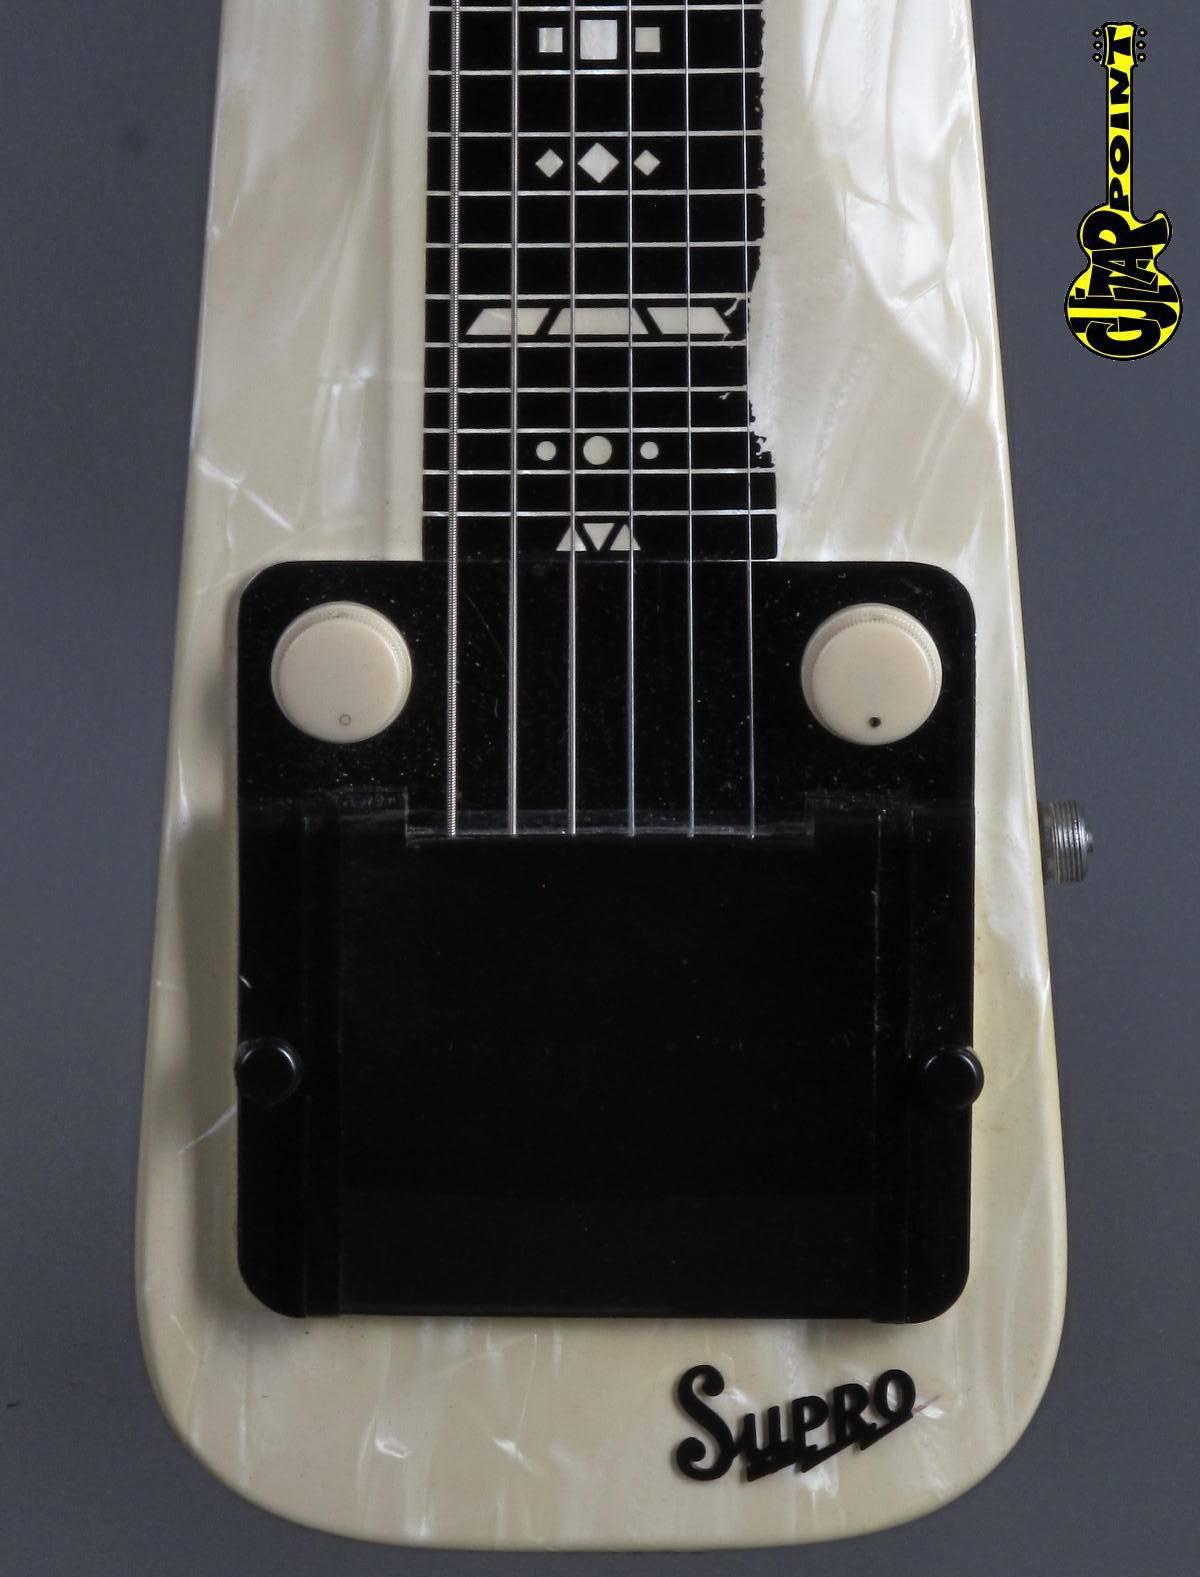 1955 Supro Comet 1410 Lap Steel Guitar